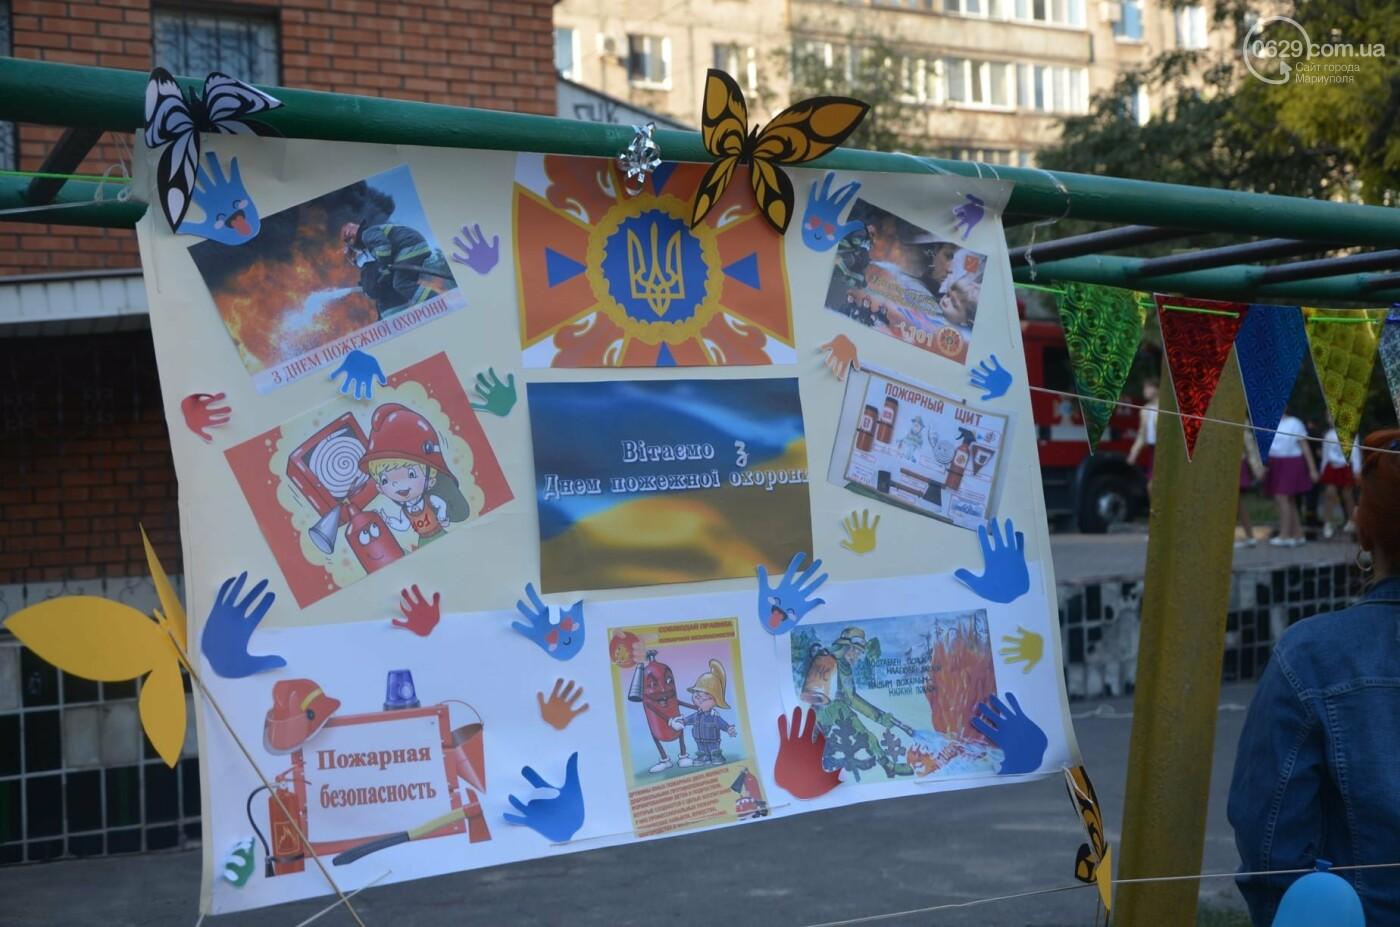 В Мариуполе отпраздновали День двора на пожарной машине, - ФОТО, фото-1